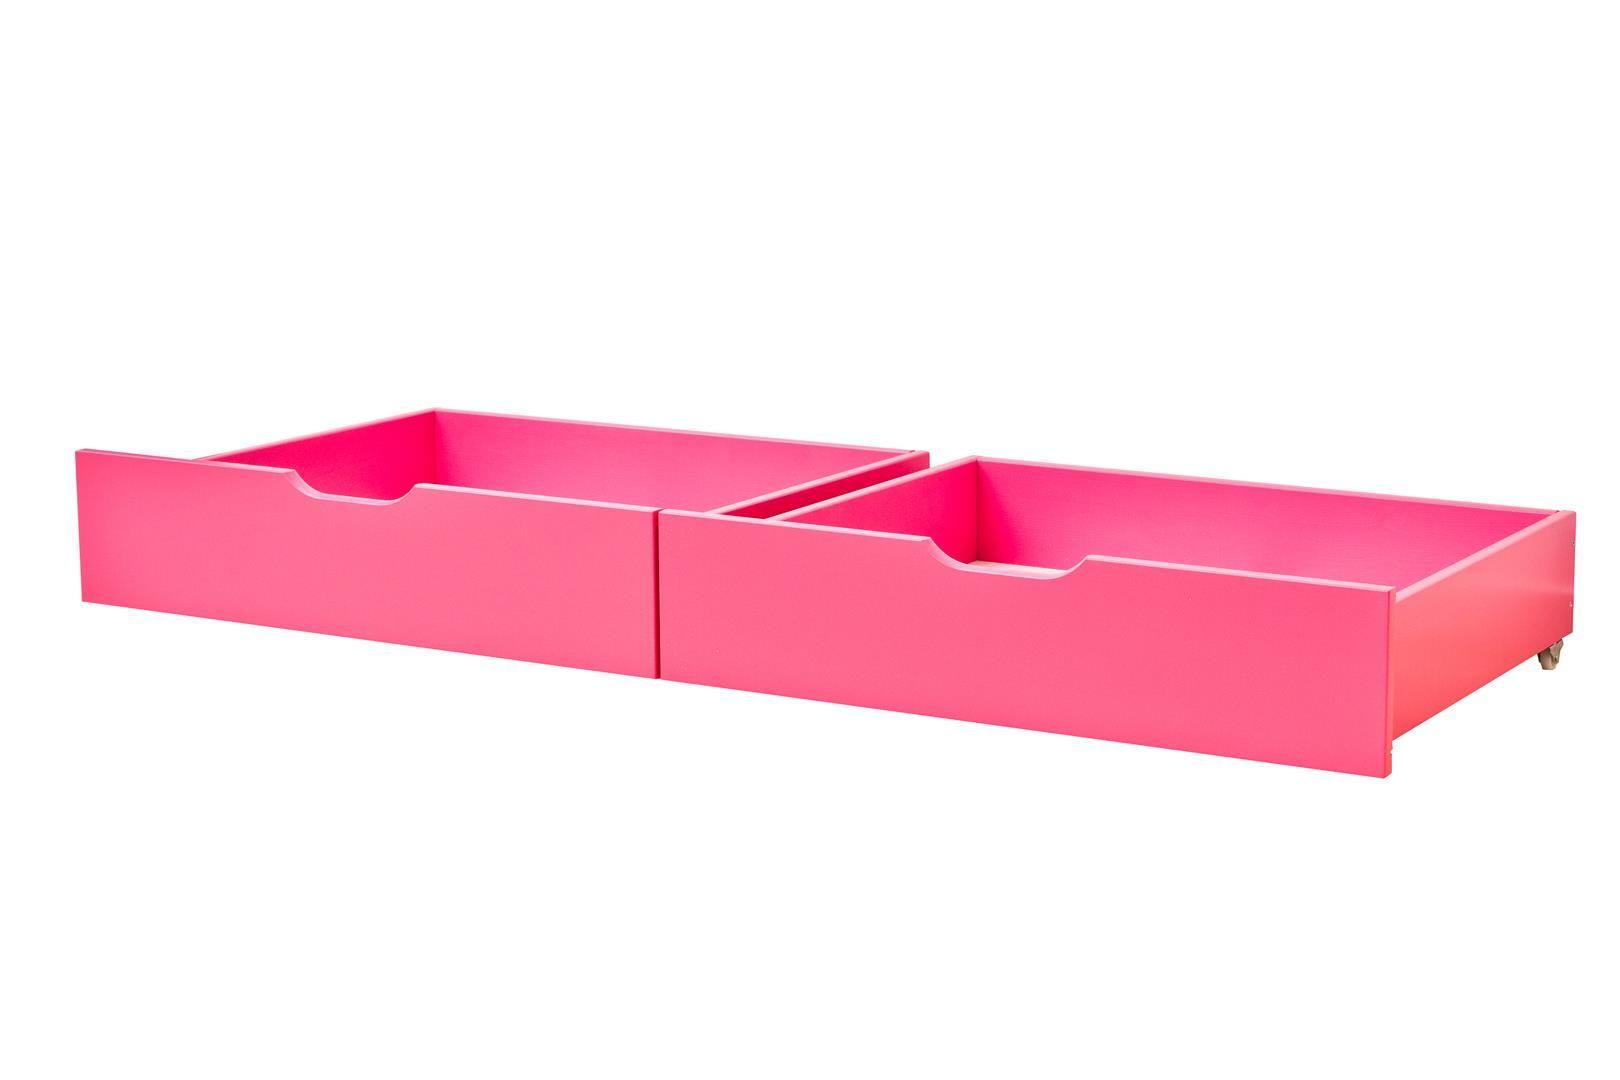 Sengeskuffesæt fra Hoppekids - Fandango Pink (182x60)